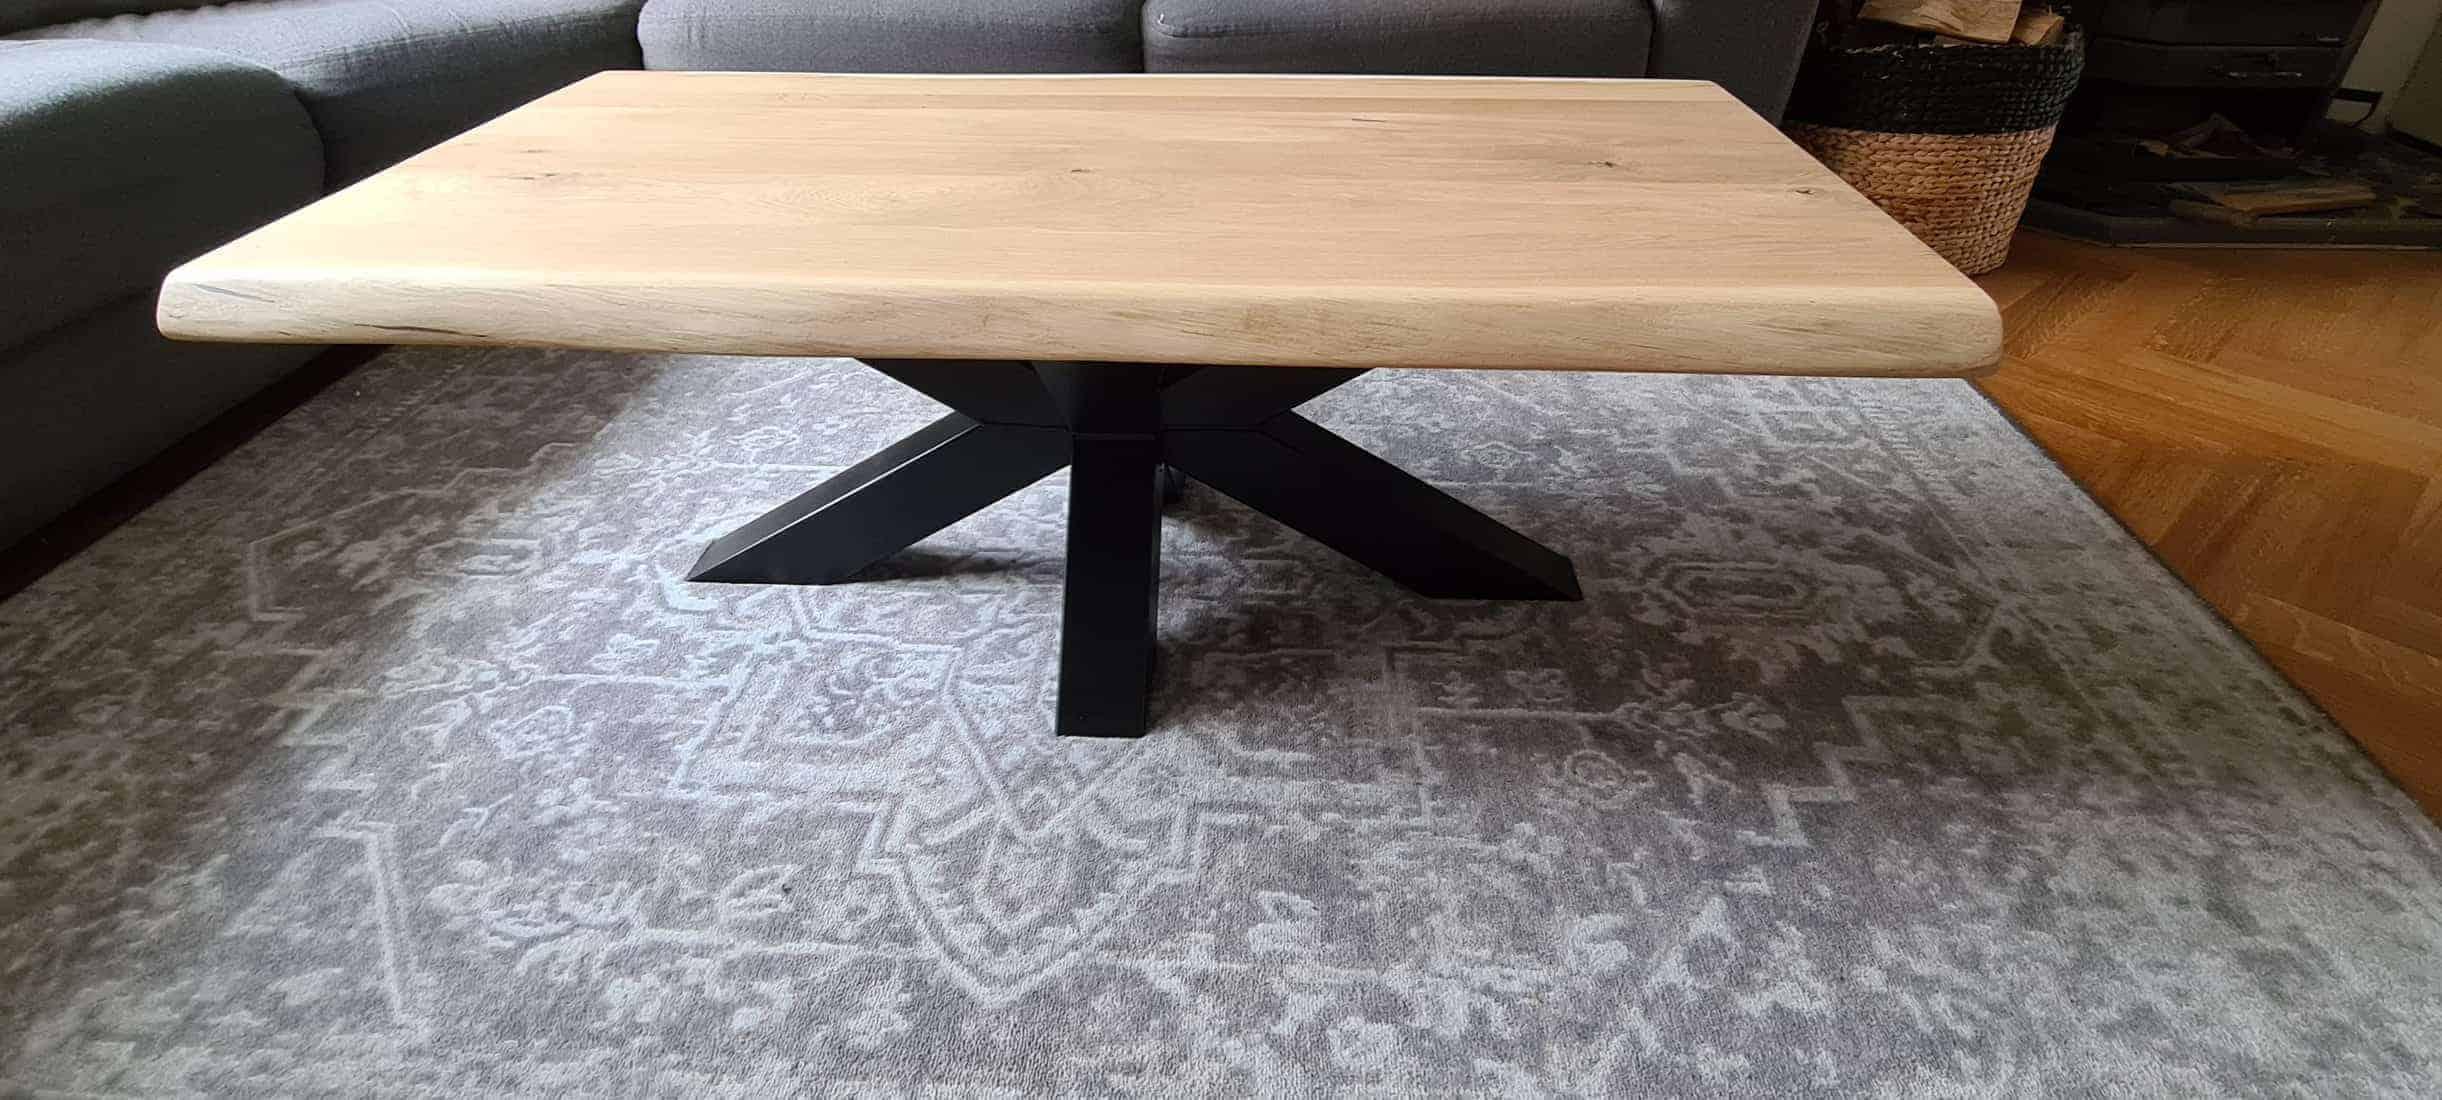 Salontafel met boomstamrand en matrix onderstel 120x60 cm